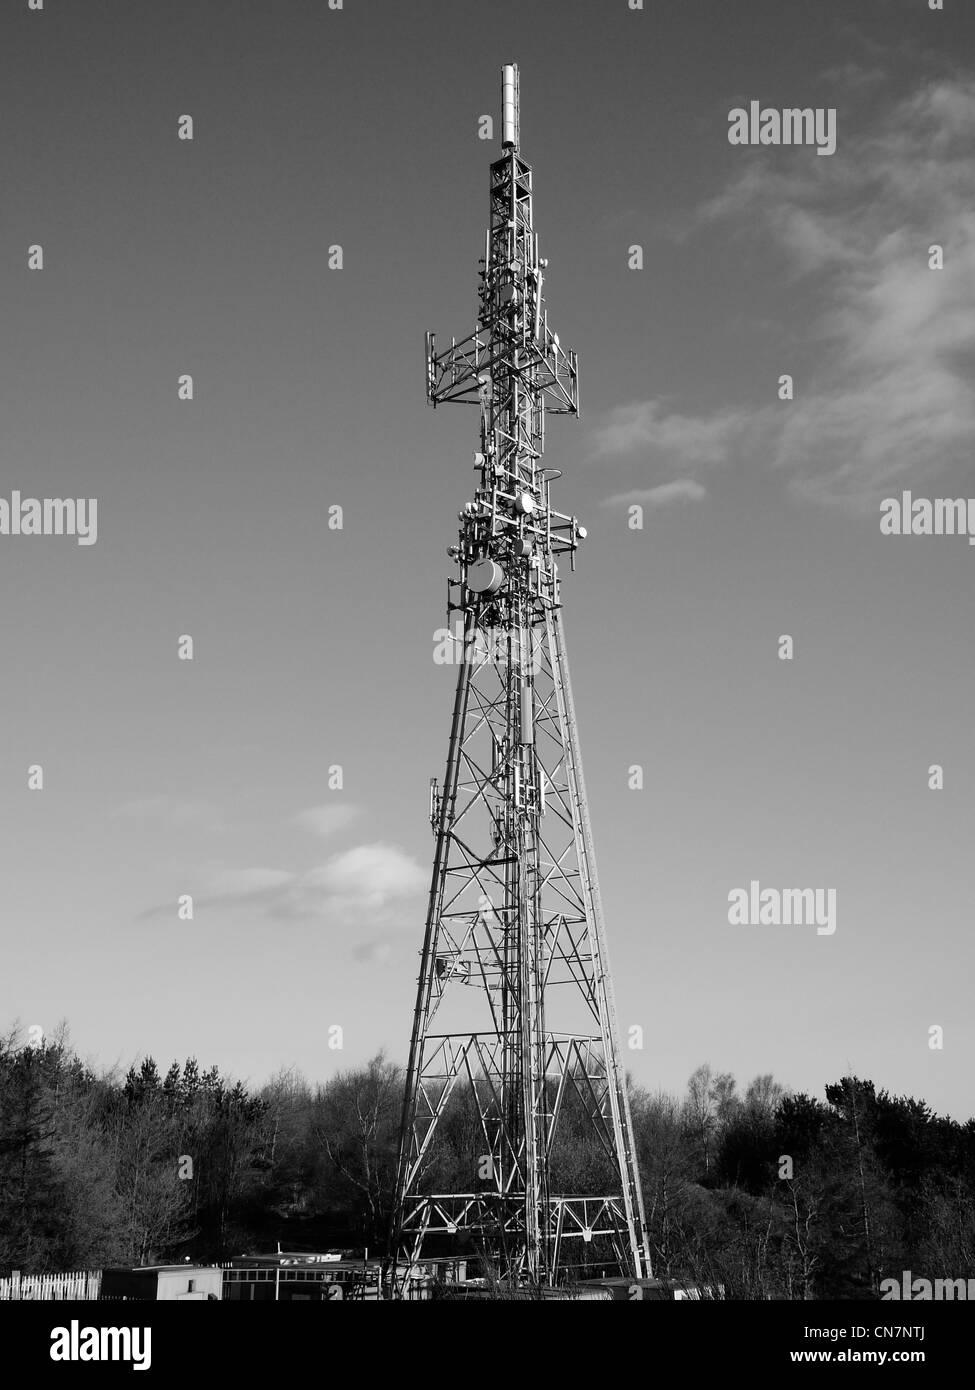 Telecommunications mast, Oldham, Lancashire, England, UK. - Stock Image